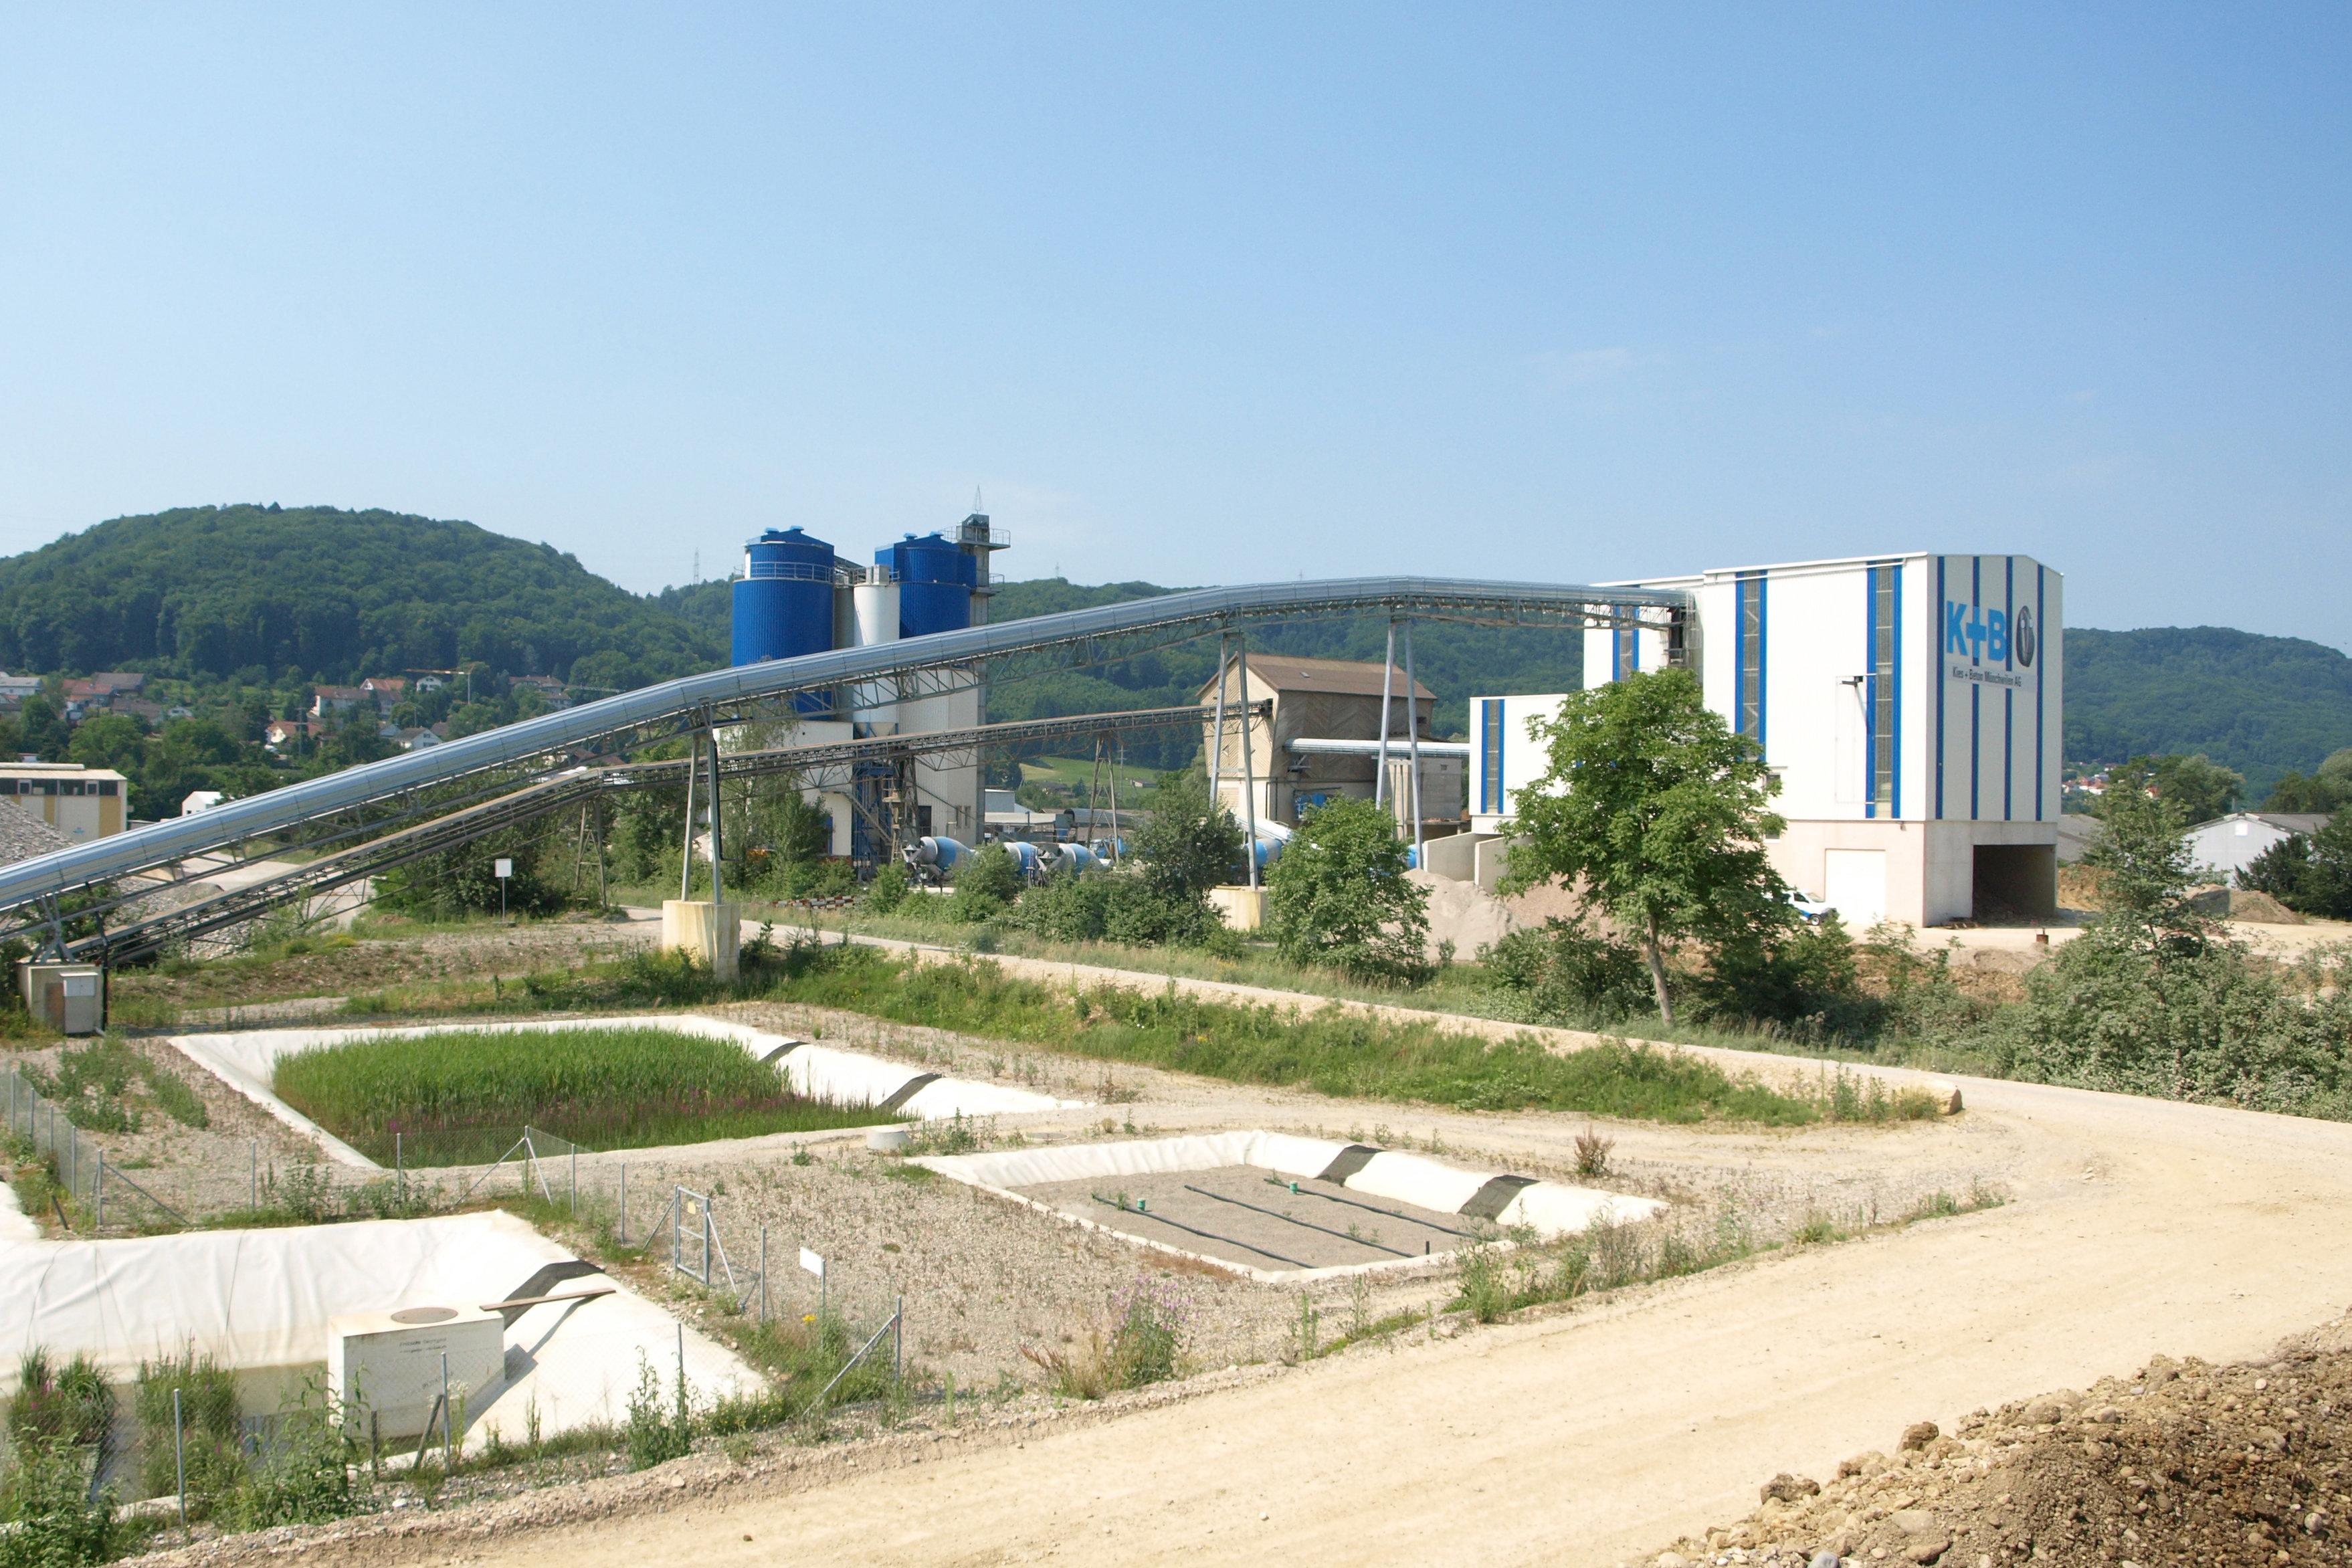 Betonproduktionsanlage der Kies und Beton